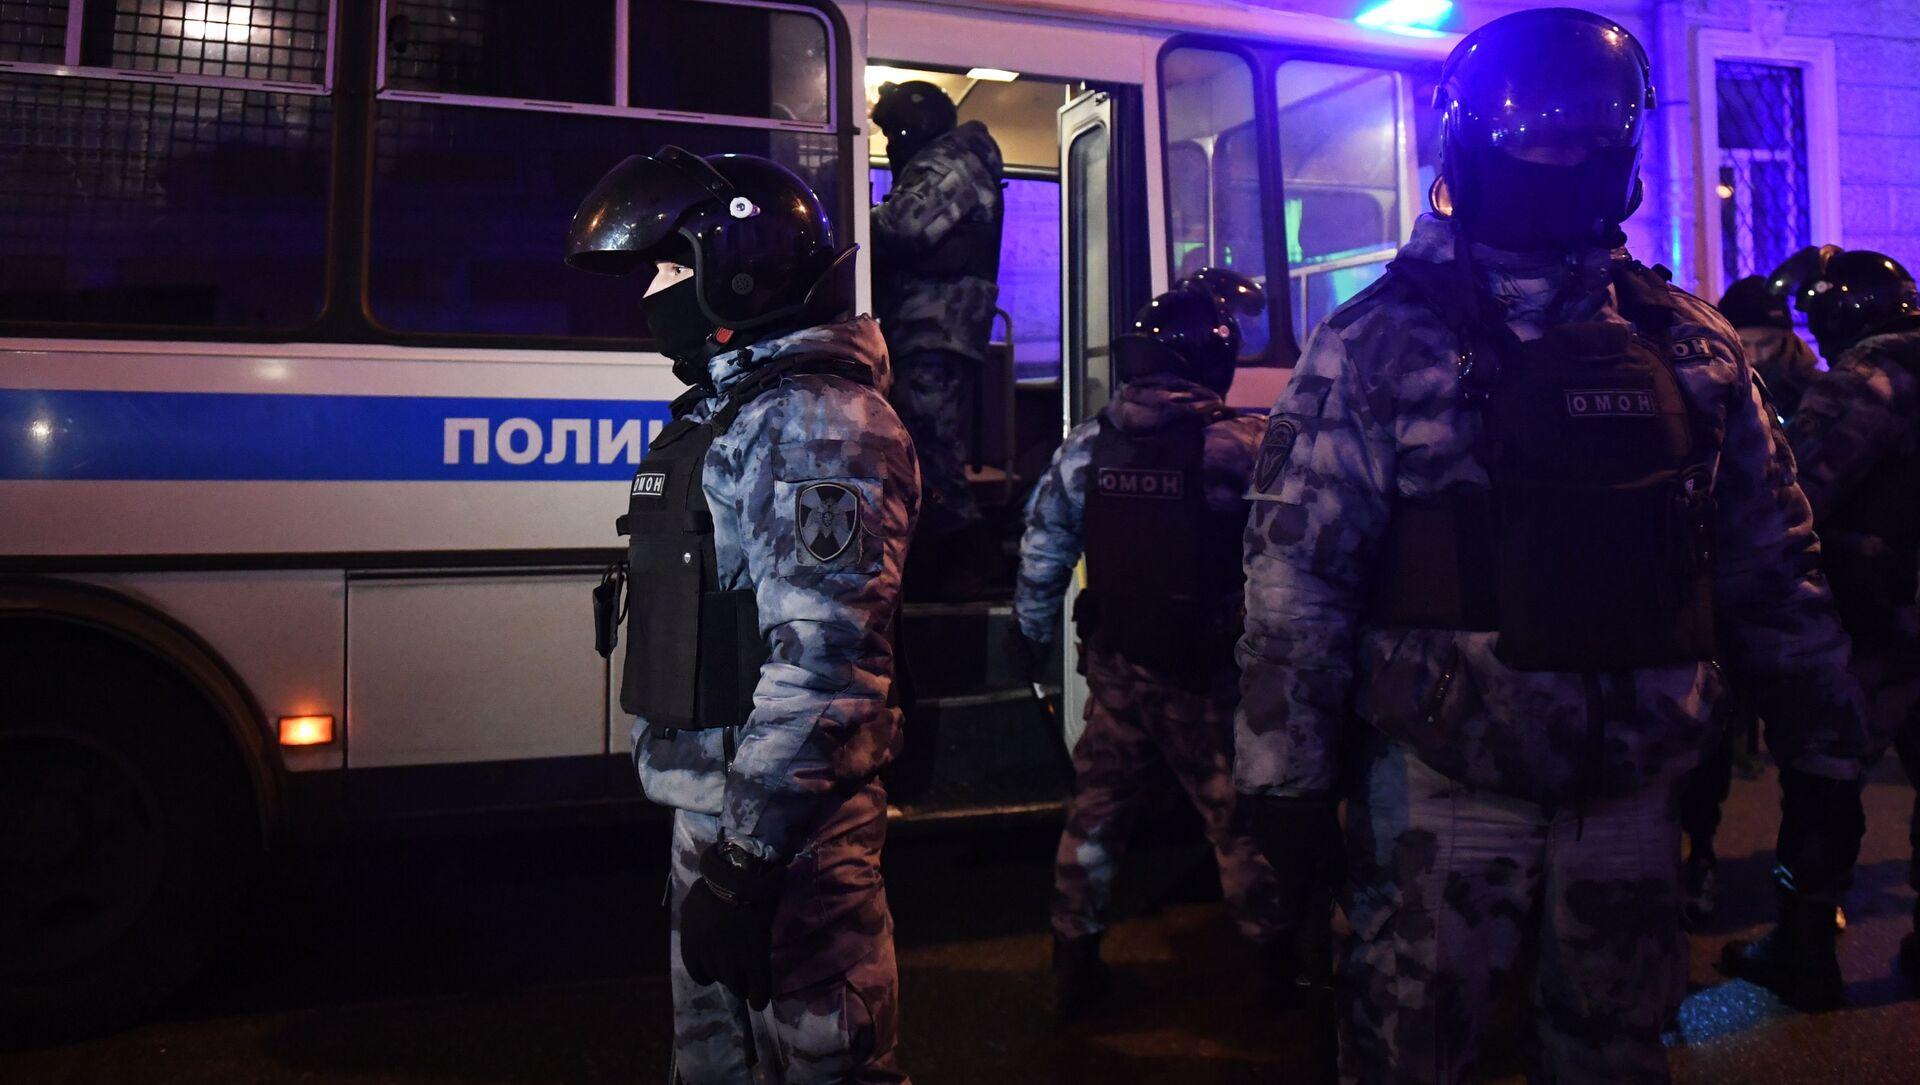 Protesty zwolenników Aleksieja Nawalnego w Moskwie. Działania OMON - Sputnik Polska, 1920, 14.03.2021